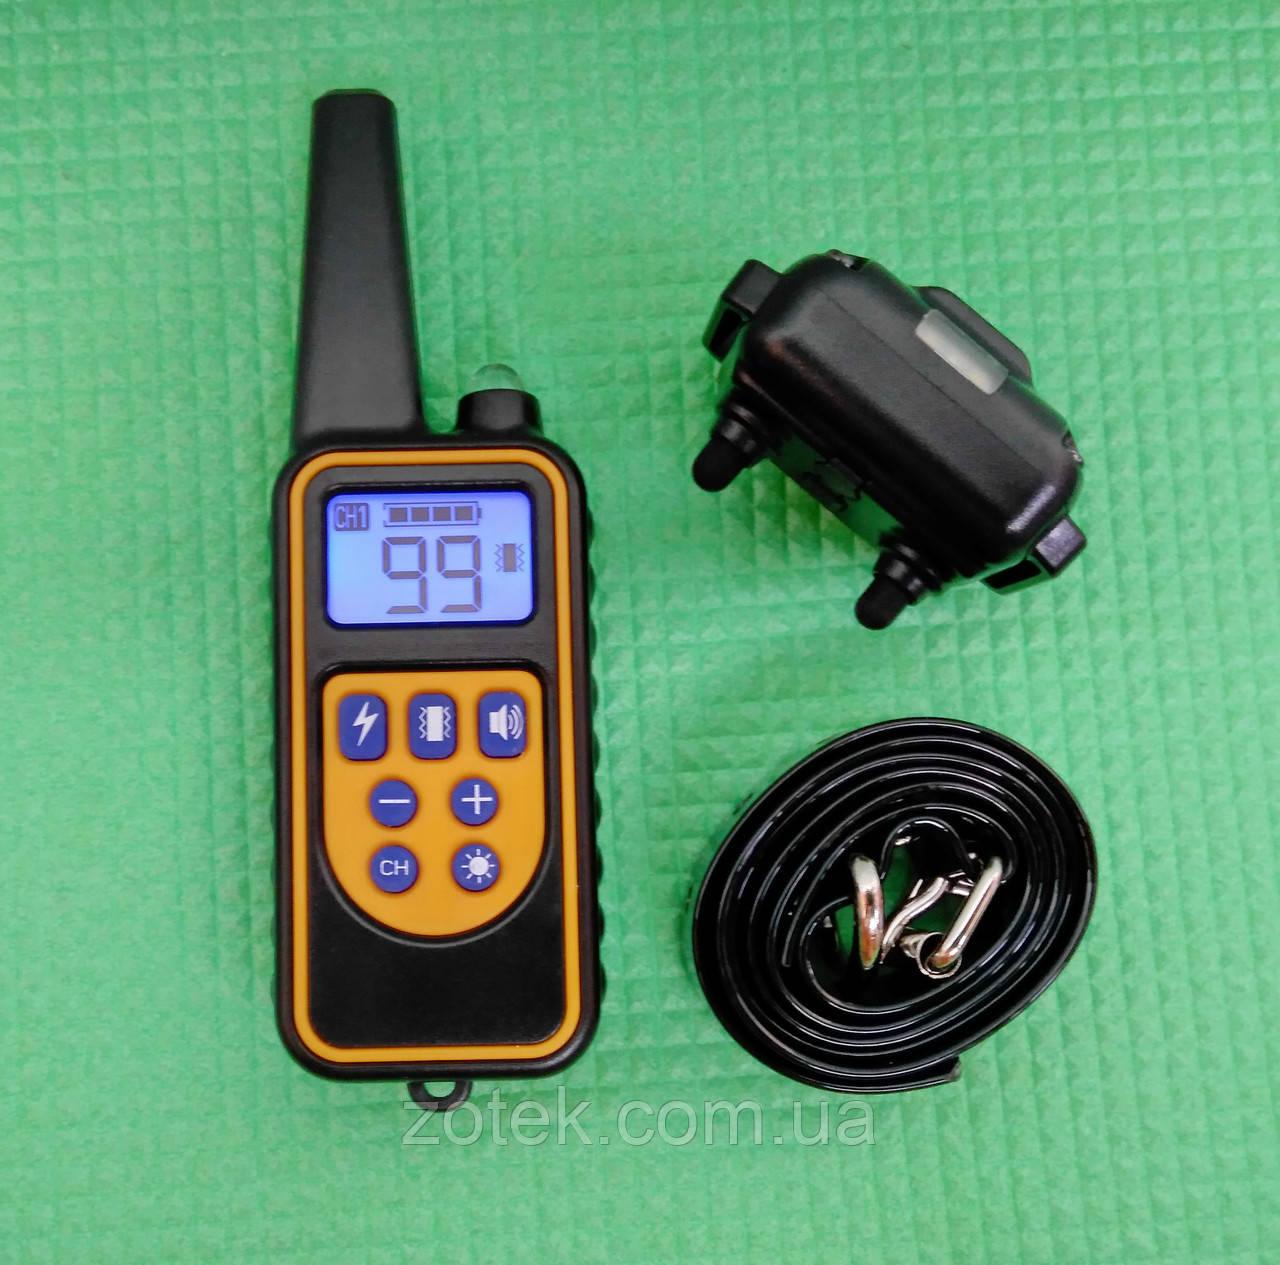 Электронный ошейник RT880 для дрессировки собак ( DT-800 , P880 DTC-800 )